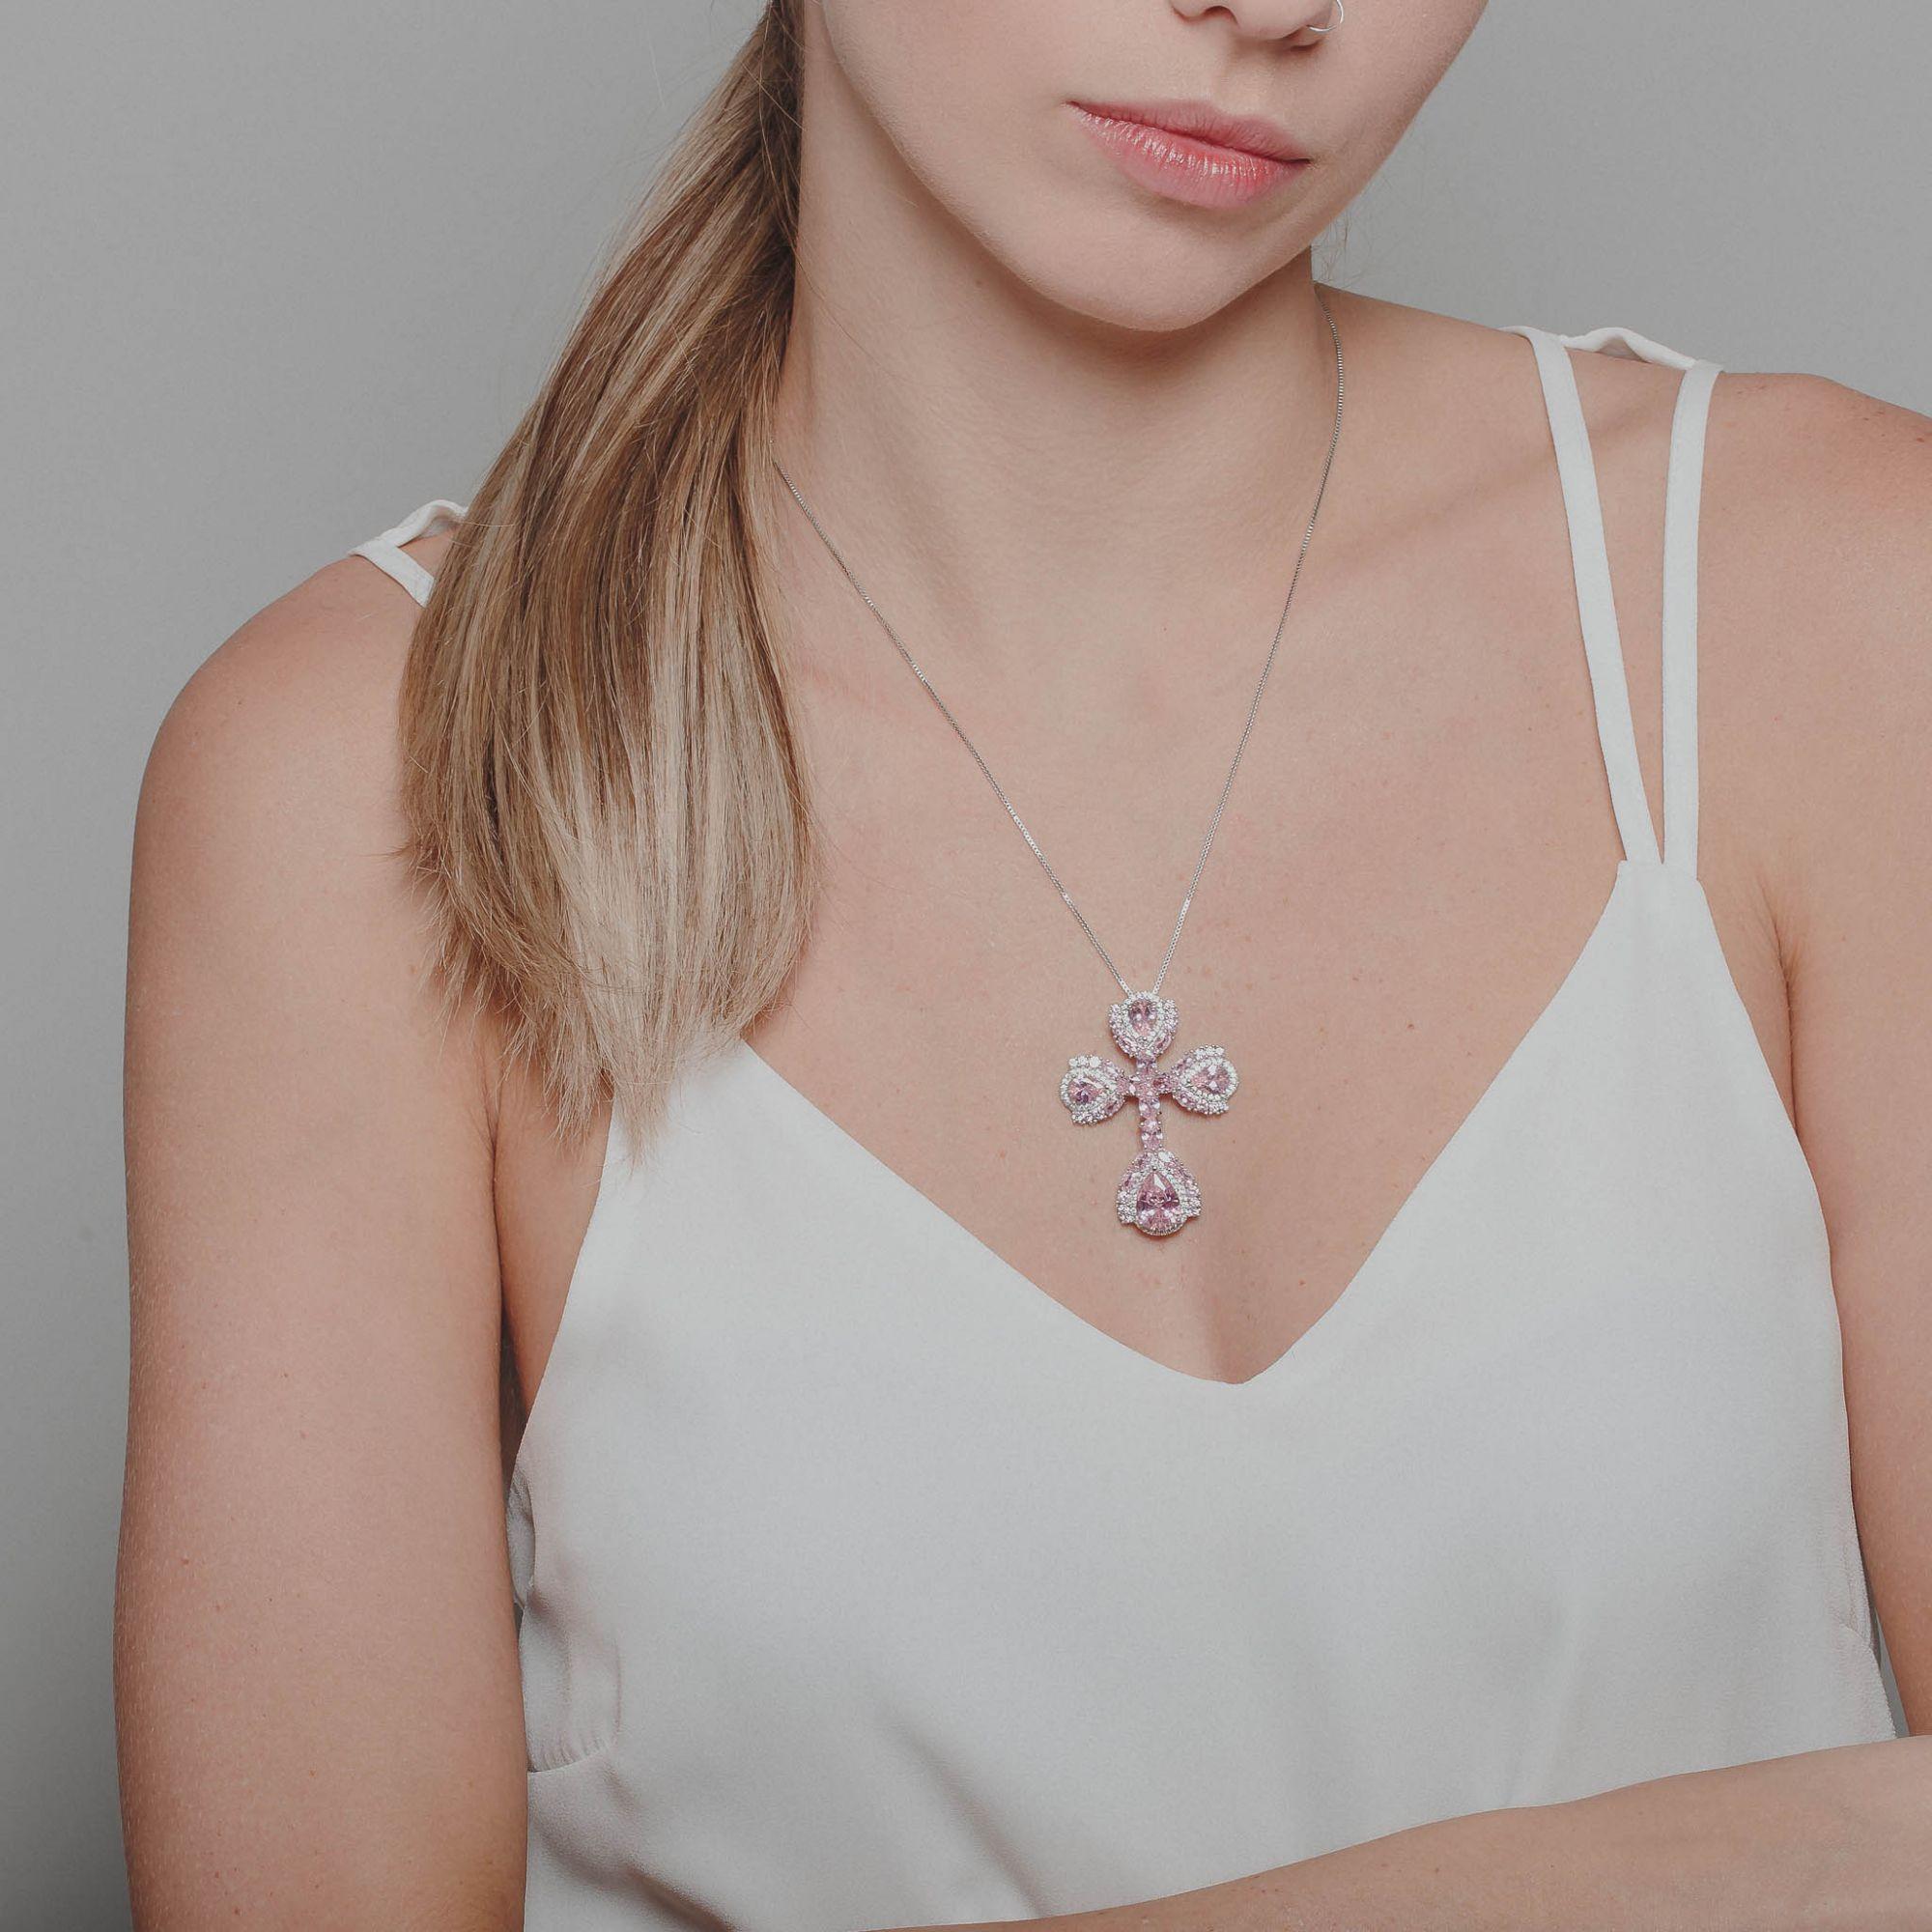 Colar crucifixo com zircônias cristais e cor de rosa banho de ródio branco.  - romabrazil.com.br